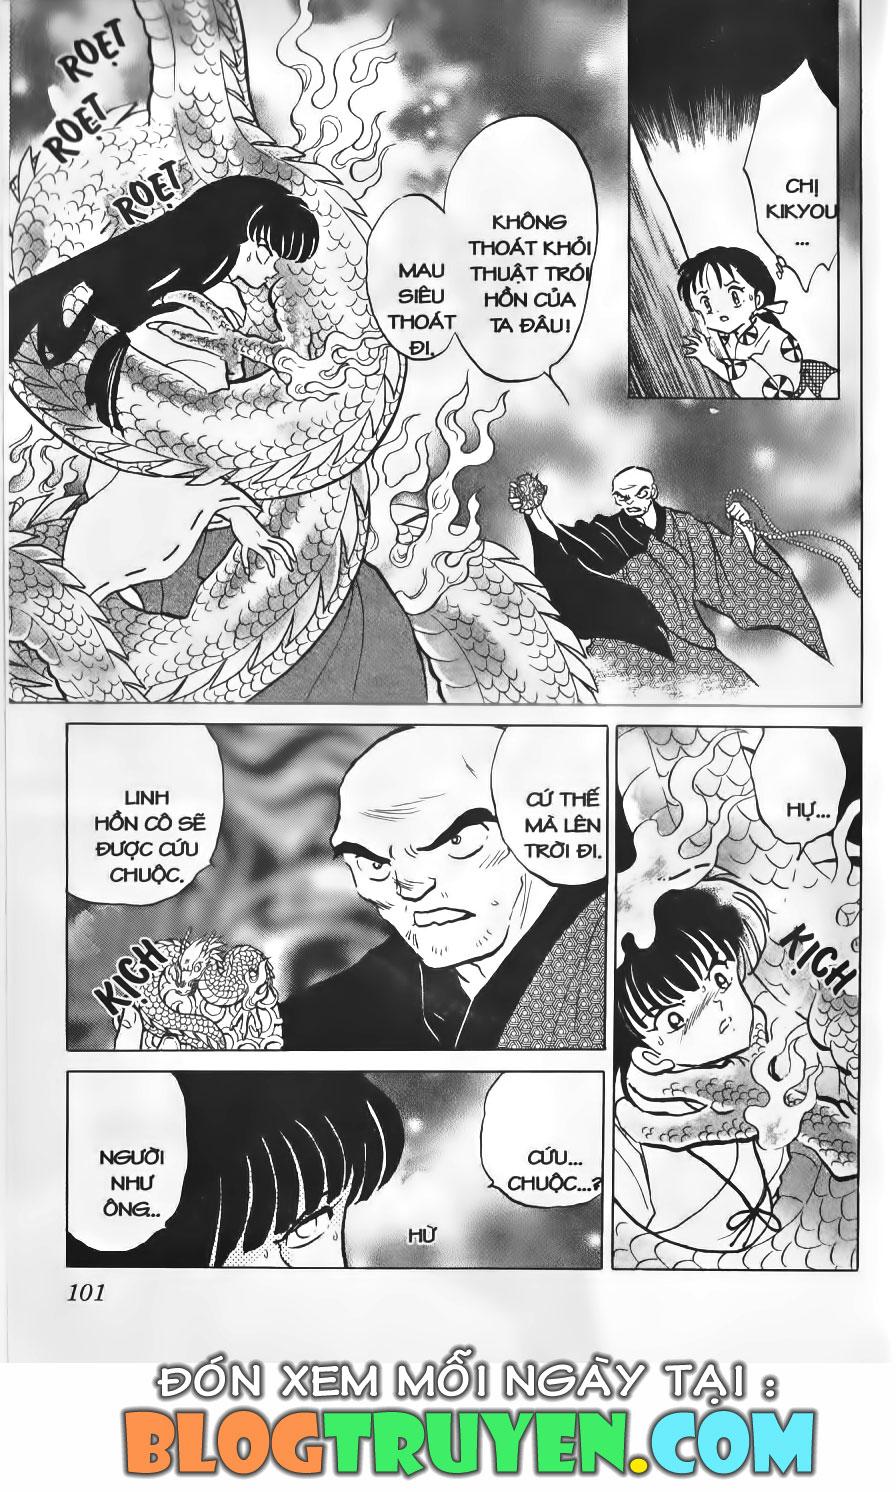 Inuyasha vol 08.6 trang 6